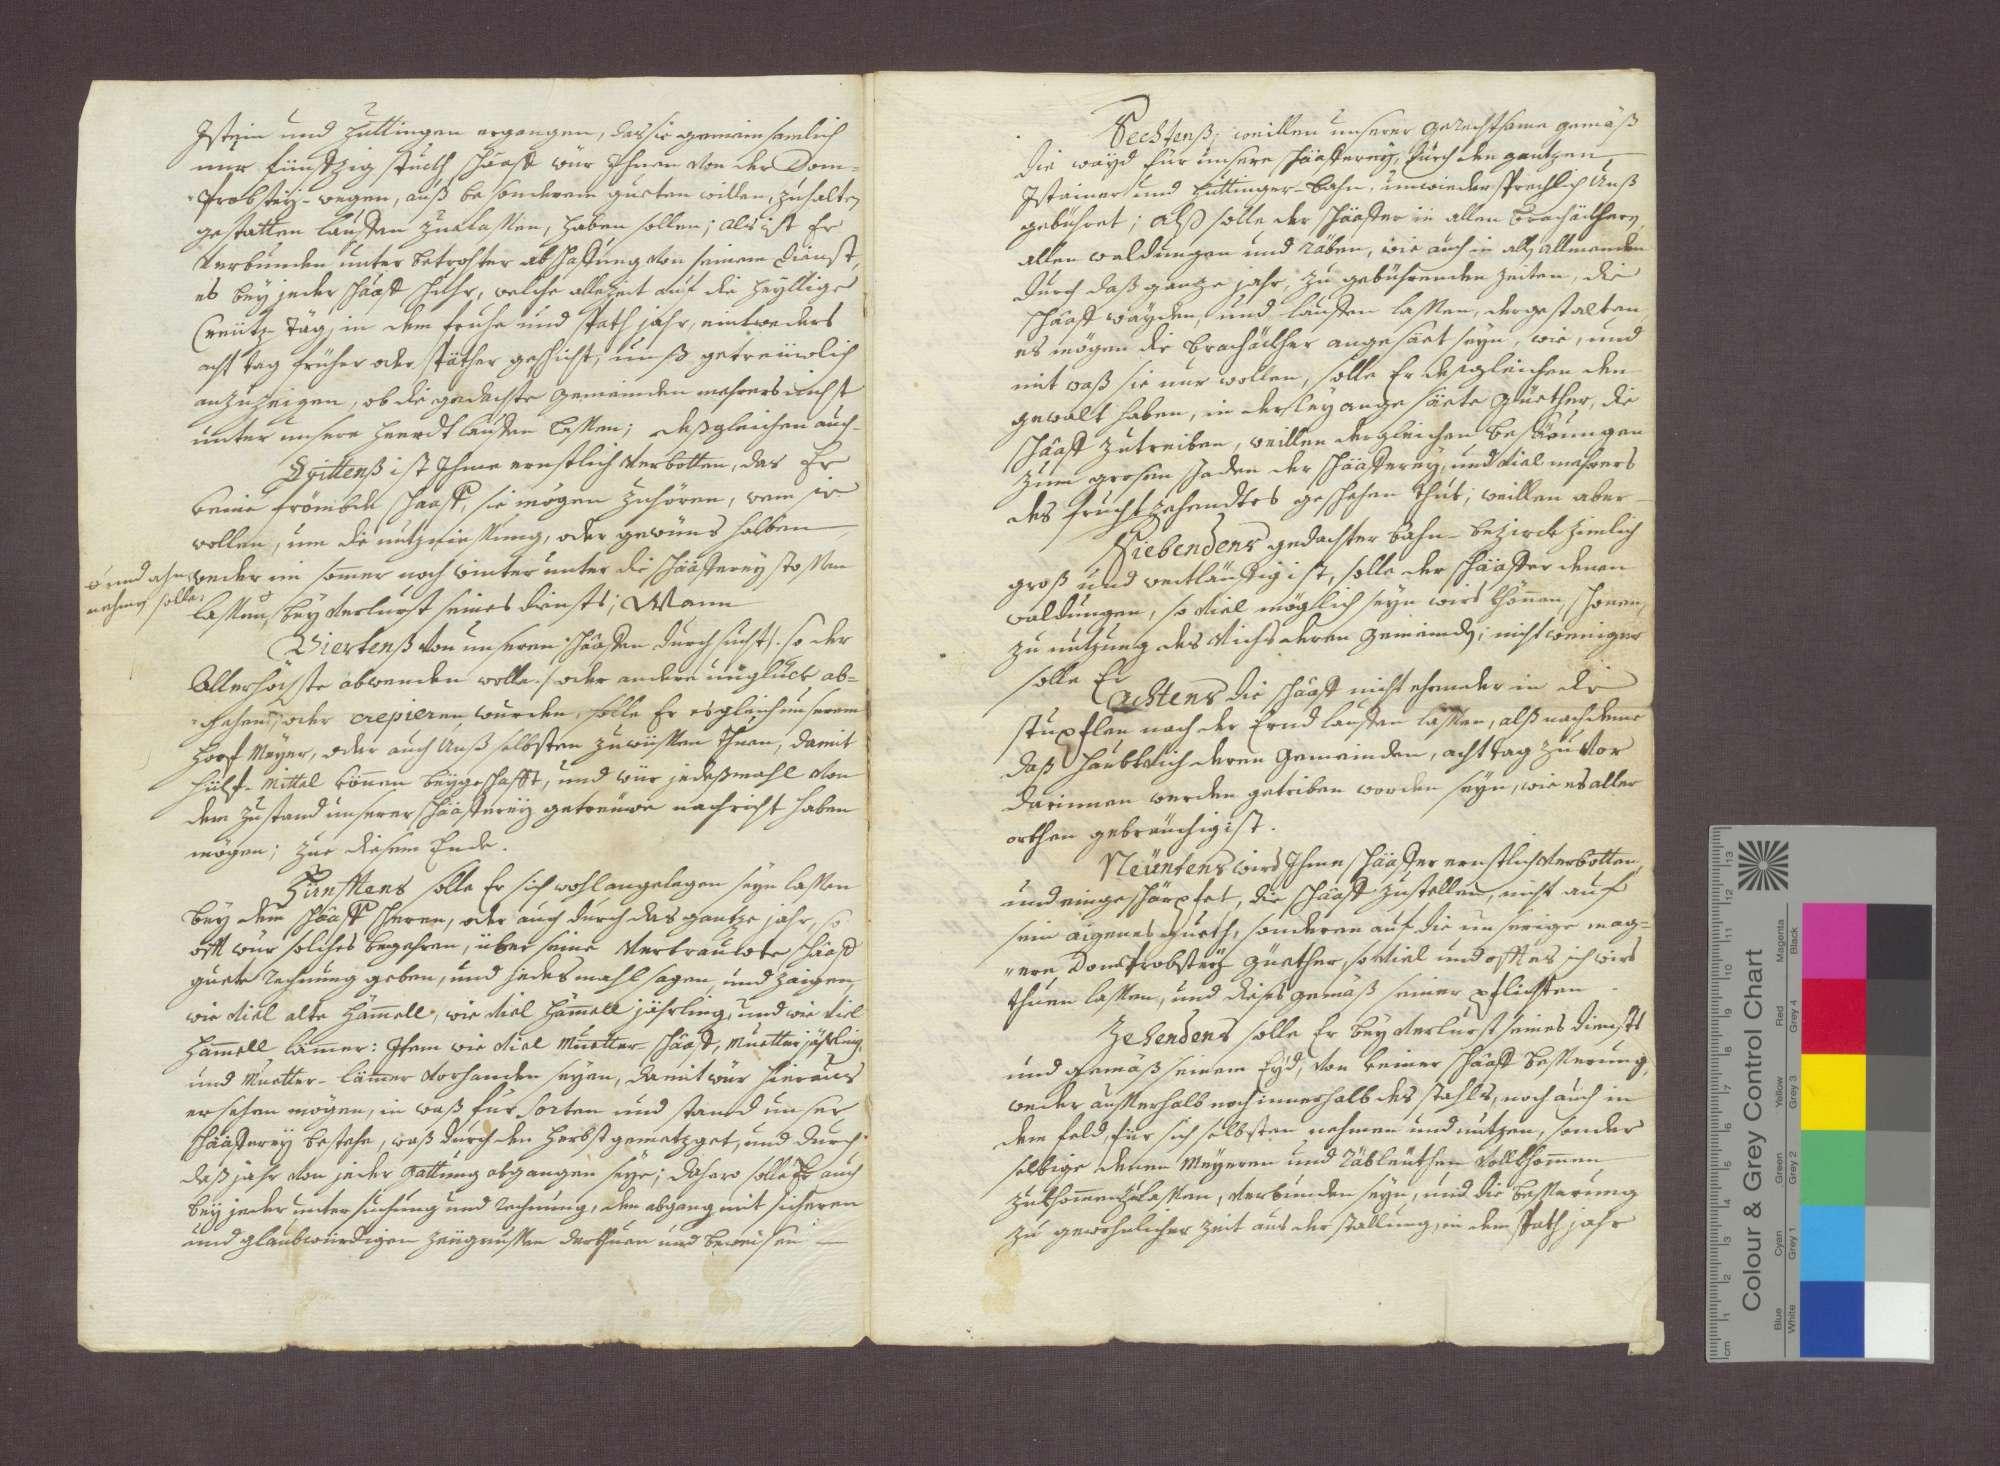 Bestallung des Josef Thüring als Schäfer des Basler Domkapitels in Huttingen., Bild 2